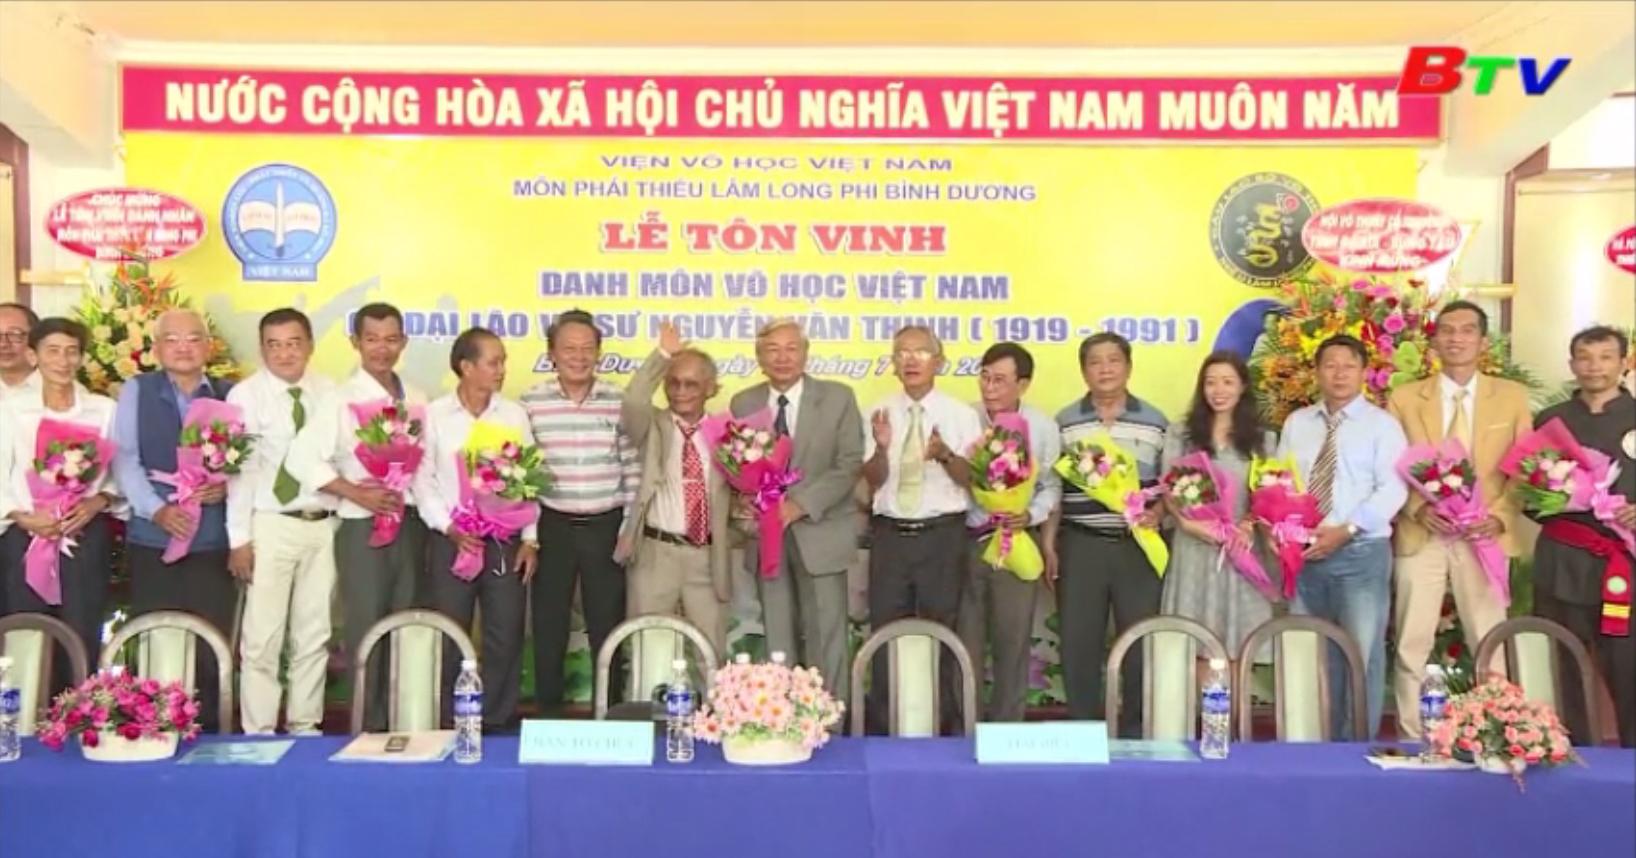 Cố đại võ sư Nguyễn Văn Thịnh - Niềm tự hào của môn võ cổ truyền Việt Nam